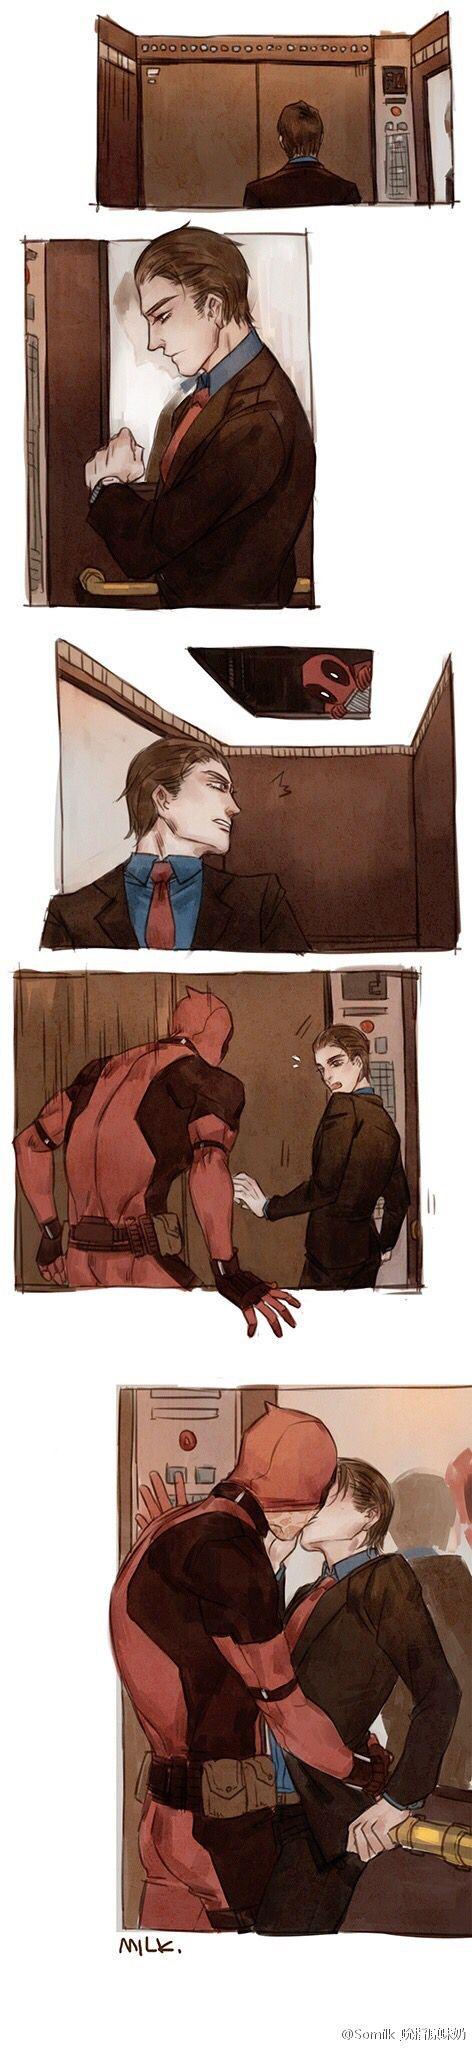 Peter no te vallas a trabajar sin tu beso de buena suerte ^^